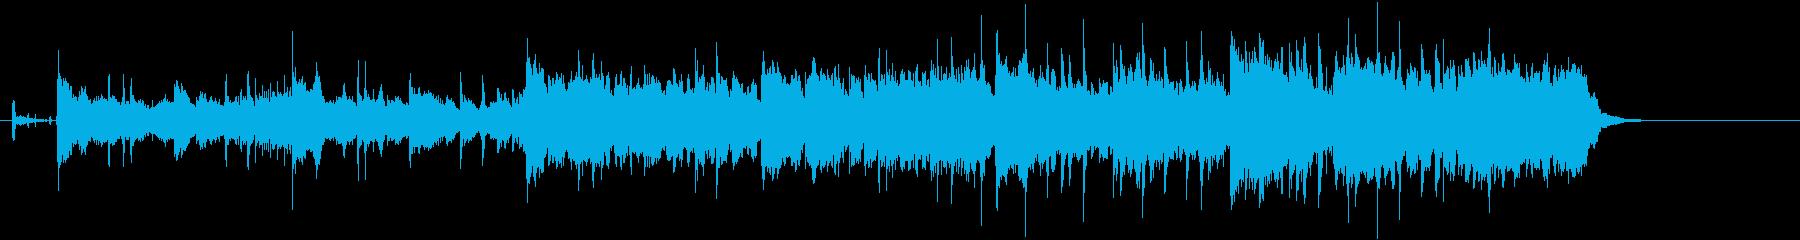 端正で深みのあるバラード風ナンバーの再生済みの波形